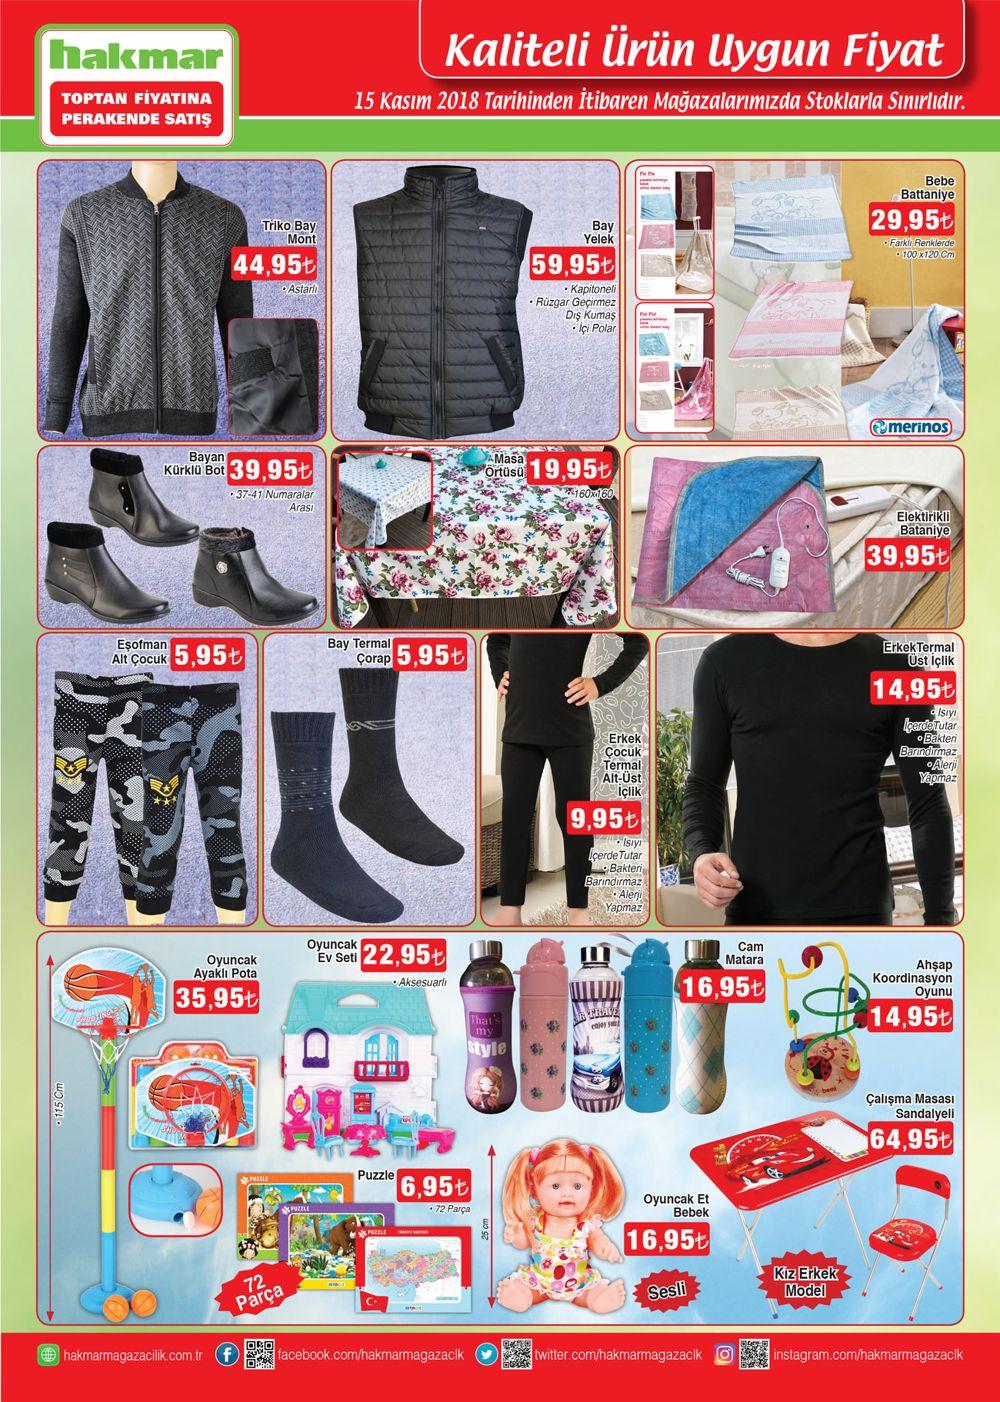 15 kasim hakmar giyim urunleri ve oyuncak katalogu